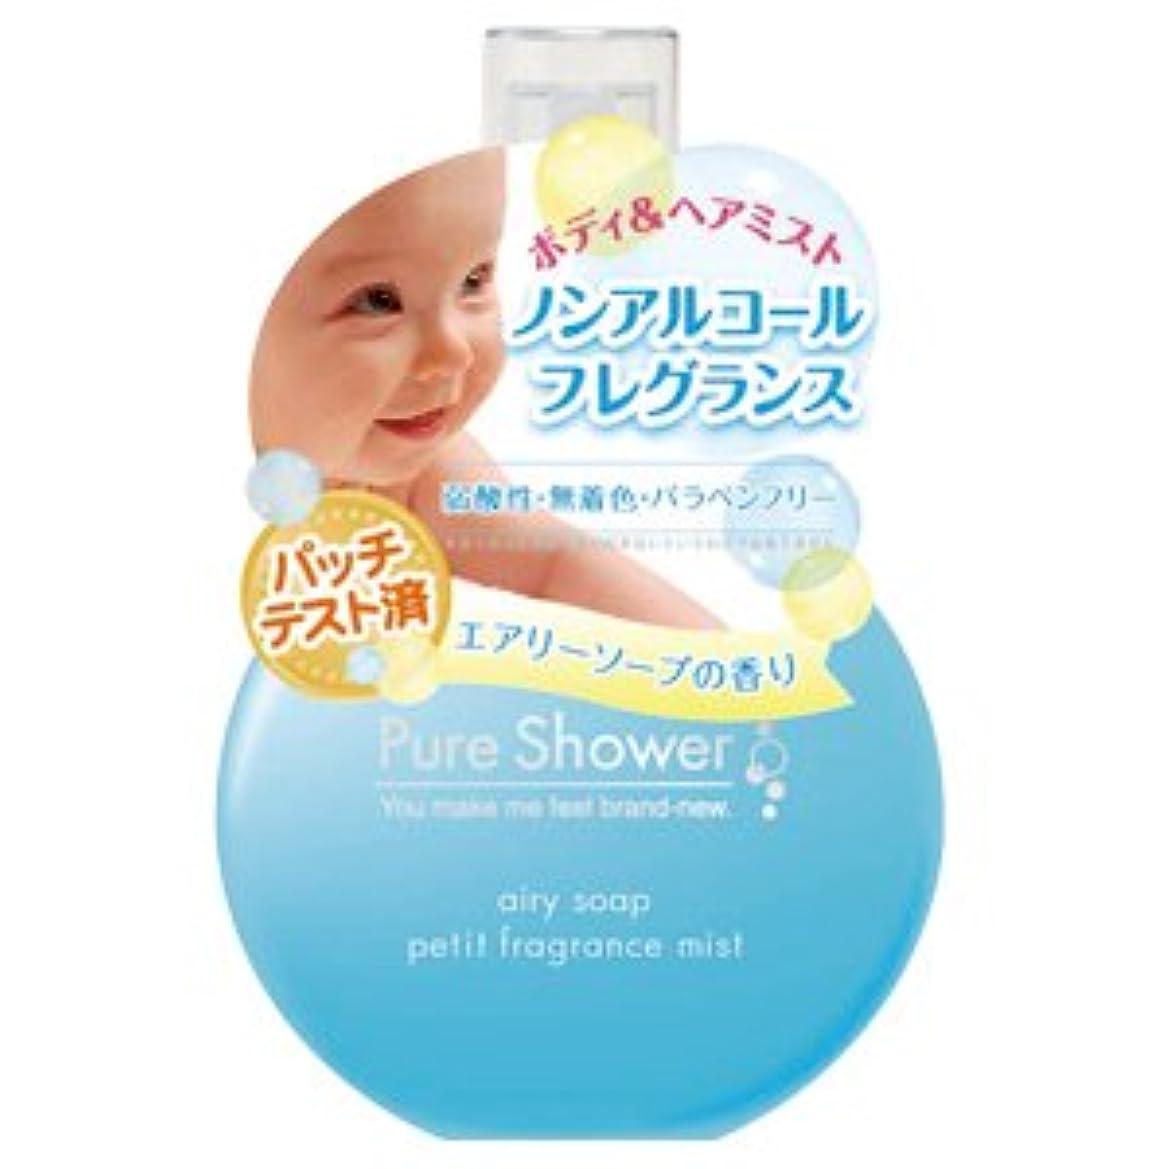 ランク悪因子コーデリアピュアシャワー Pure Shower ノンアルコール フレグランスミスト エアリーソープ 50ml